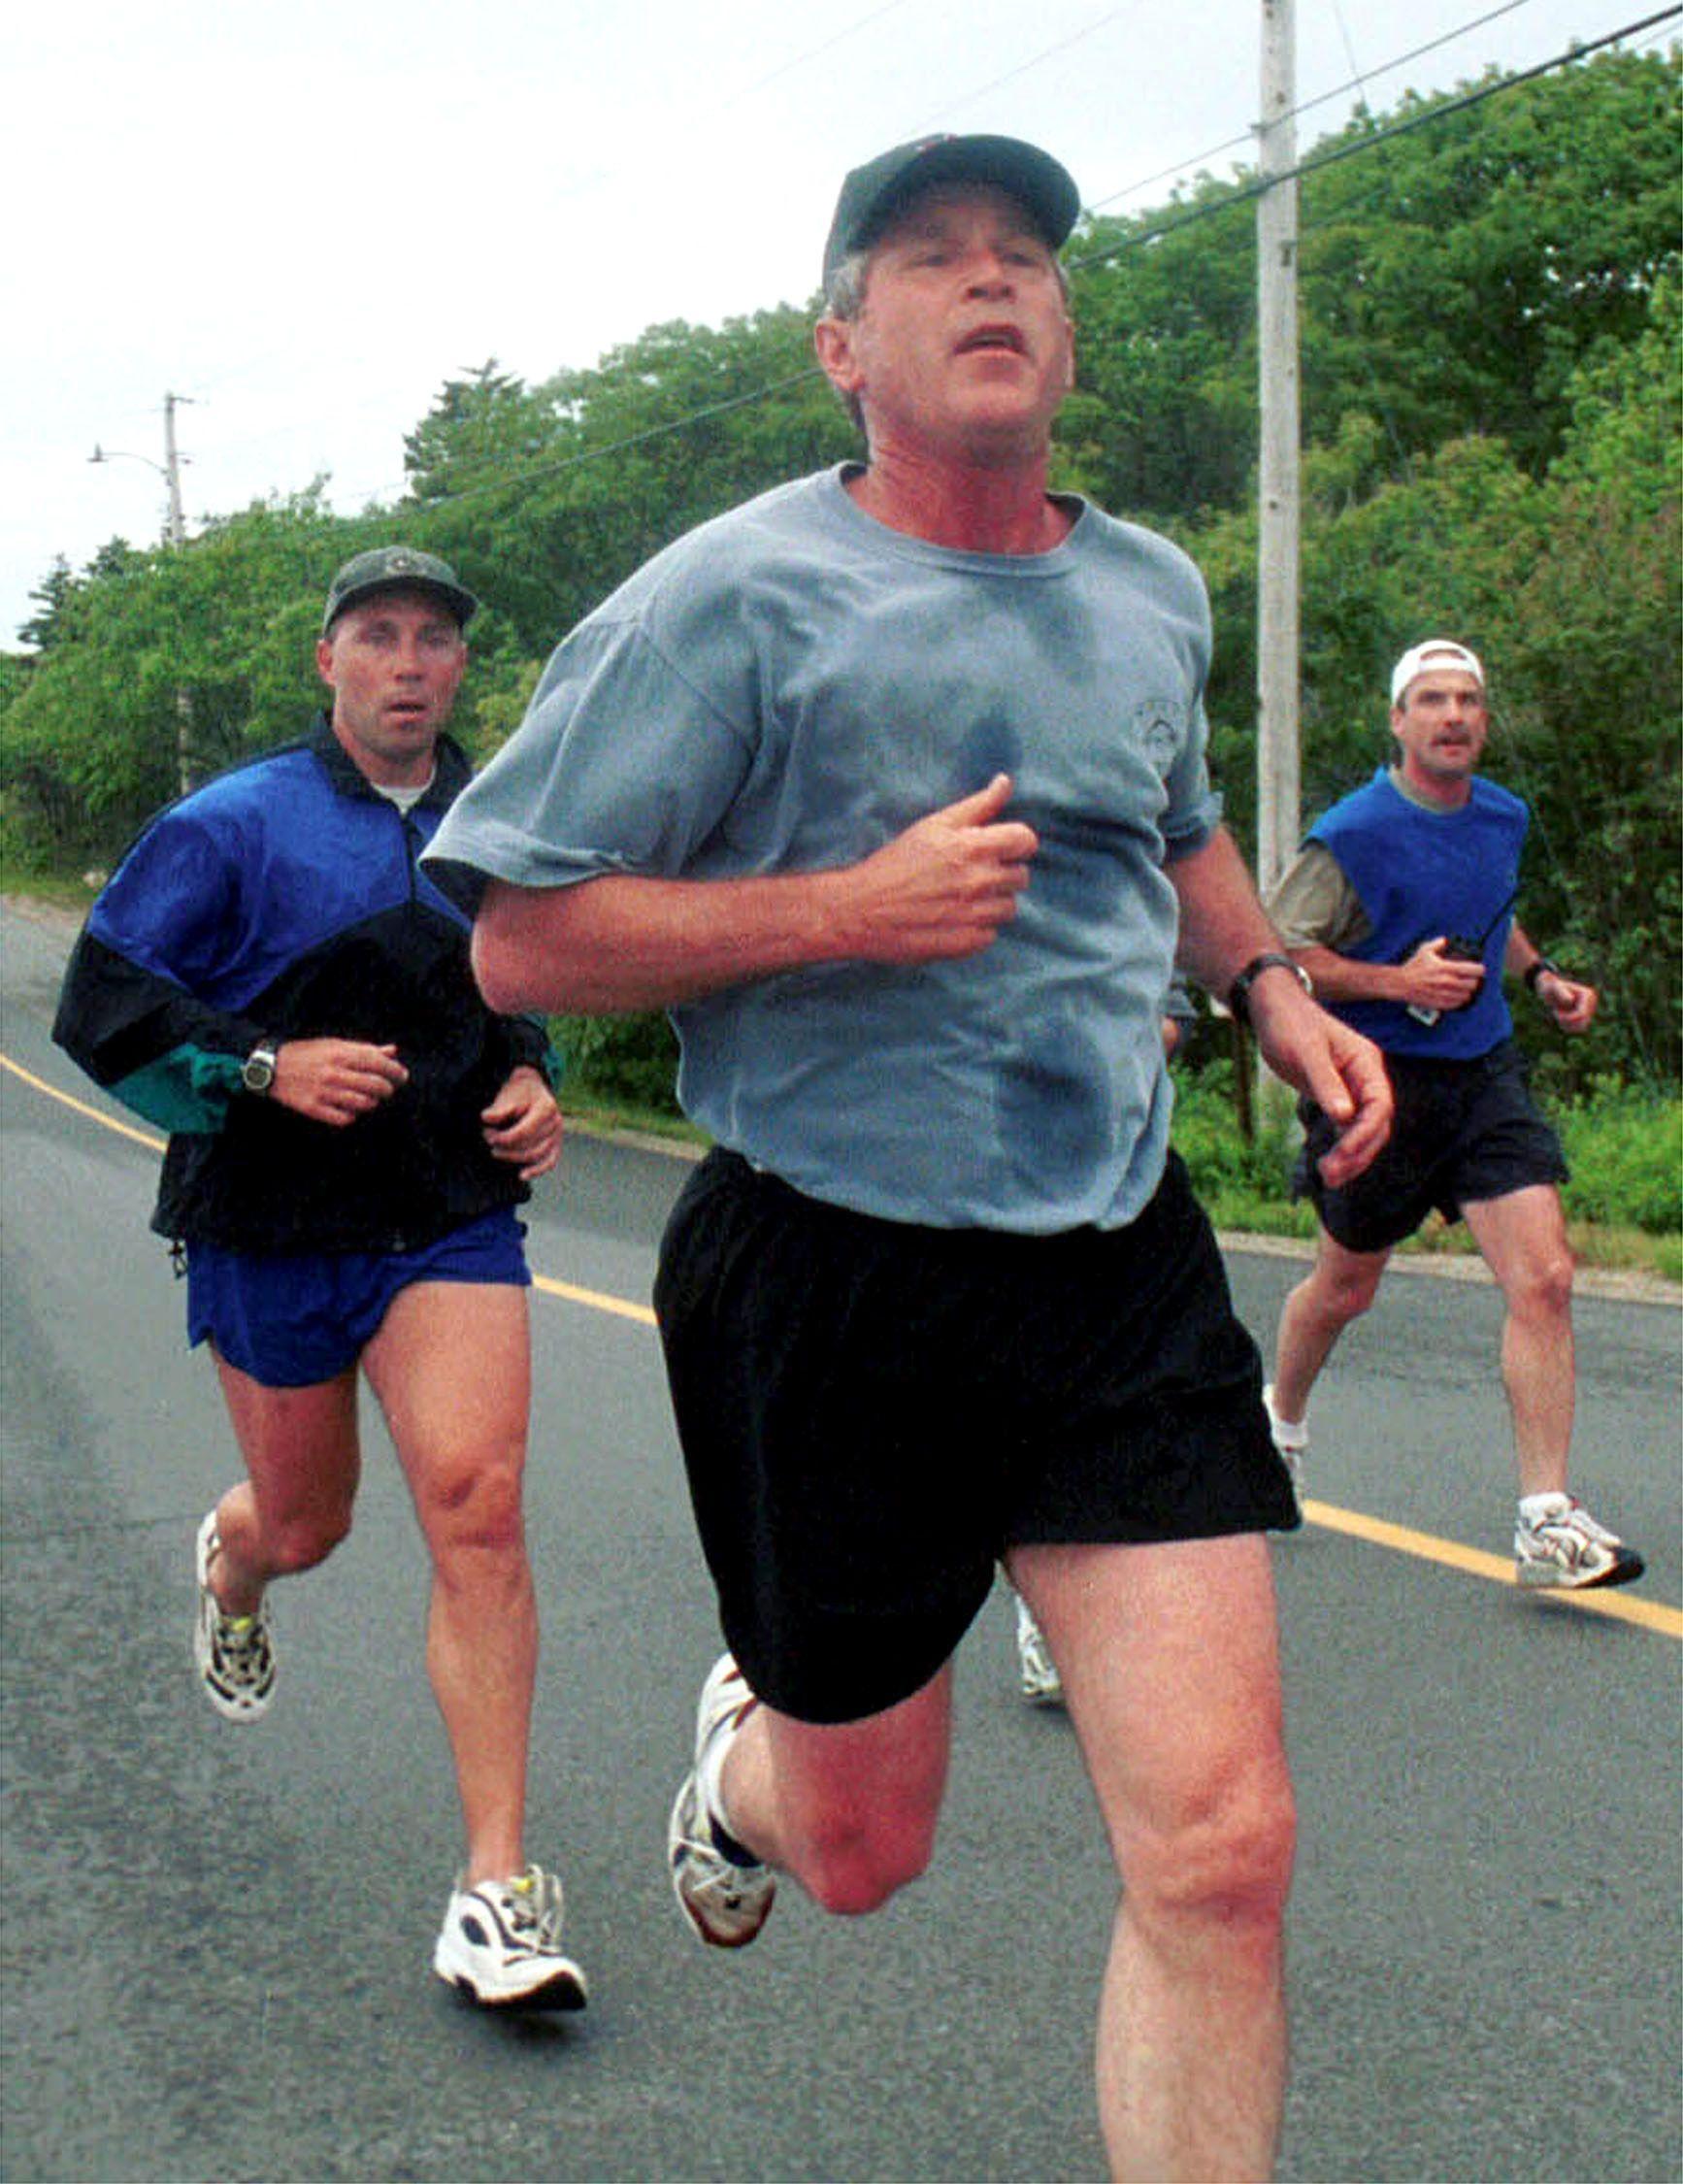 Runner information - Bank of America Chicago Marathon